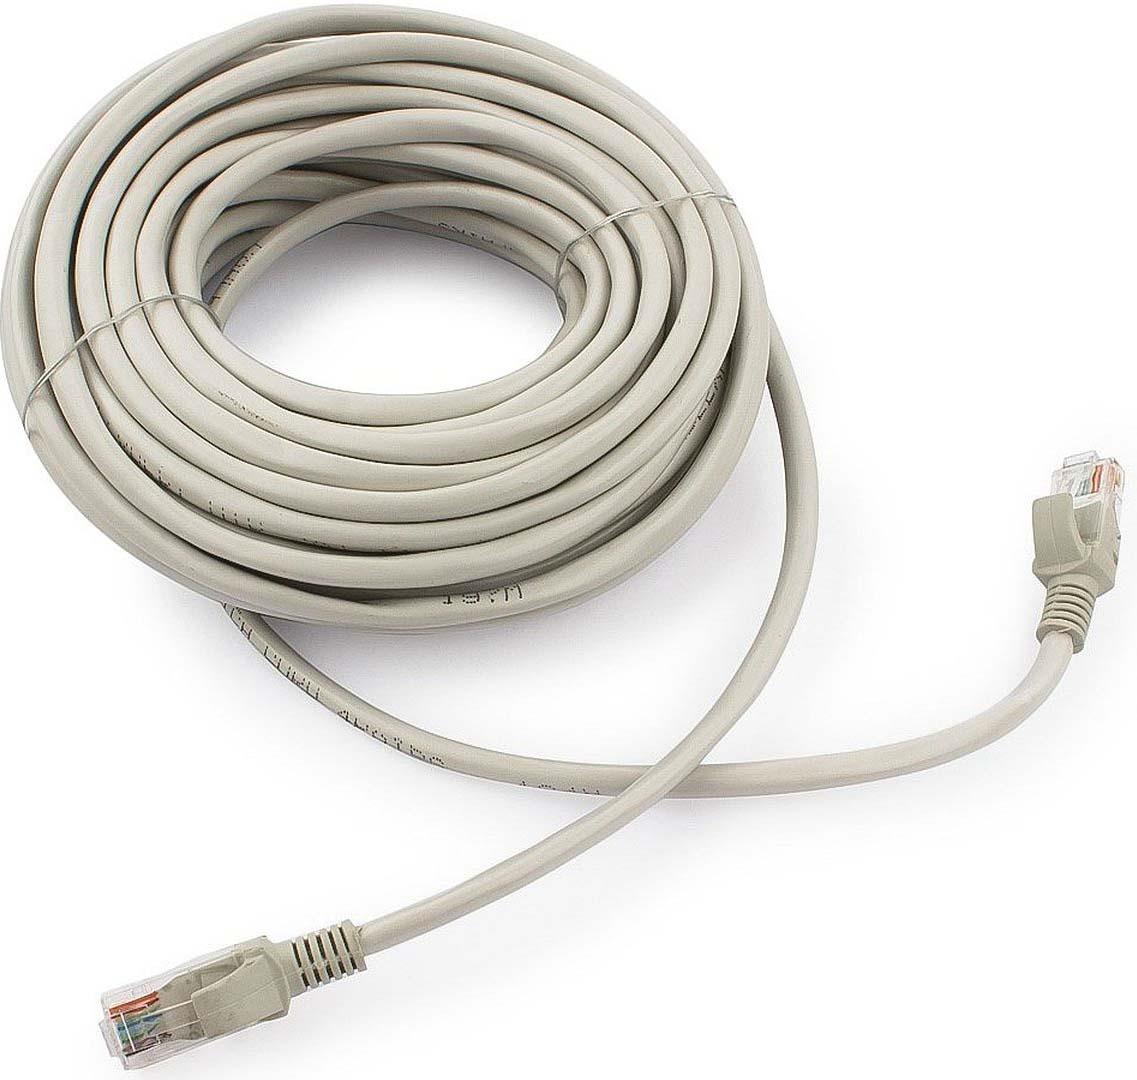 Кабель патч-корд UTP Cablexpert RJ-45, 15 м, PP12-15M, серый кабель патч корд utp cablexpert rj 45 5 м pp12 5m b синий